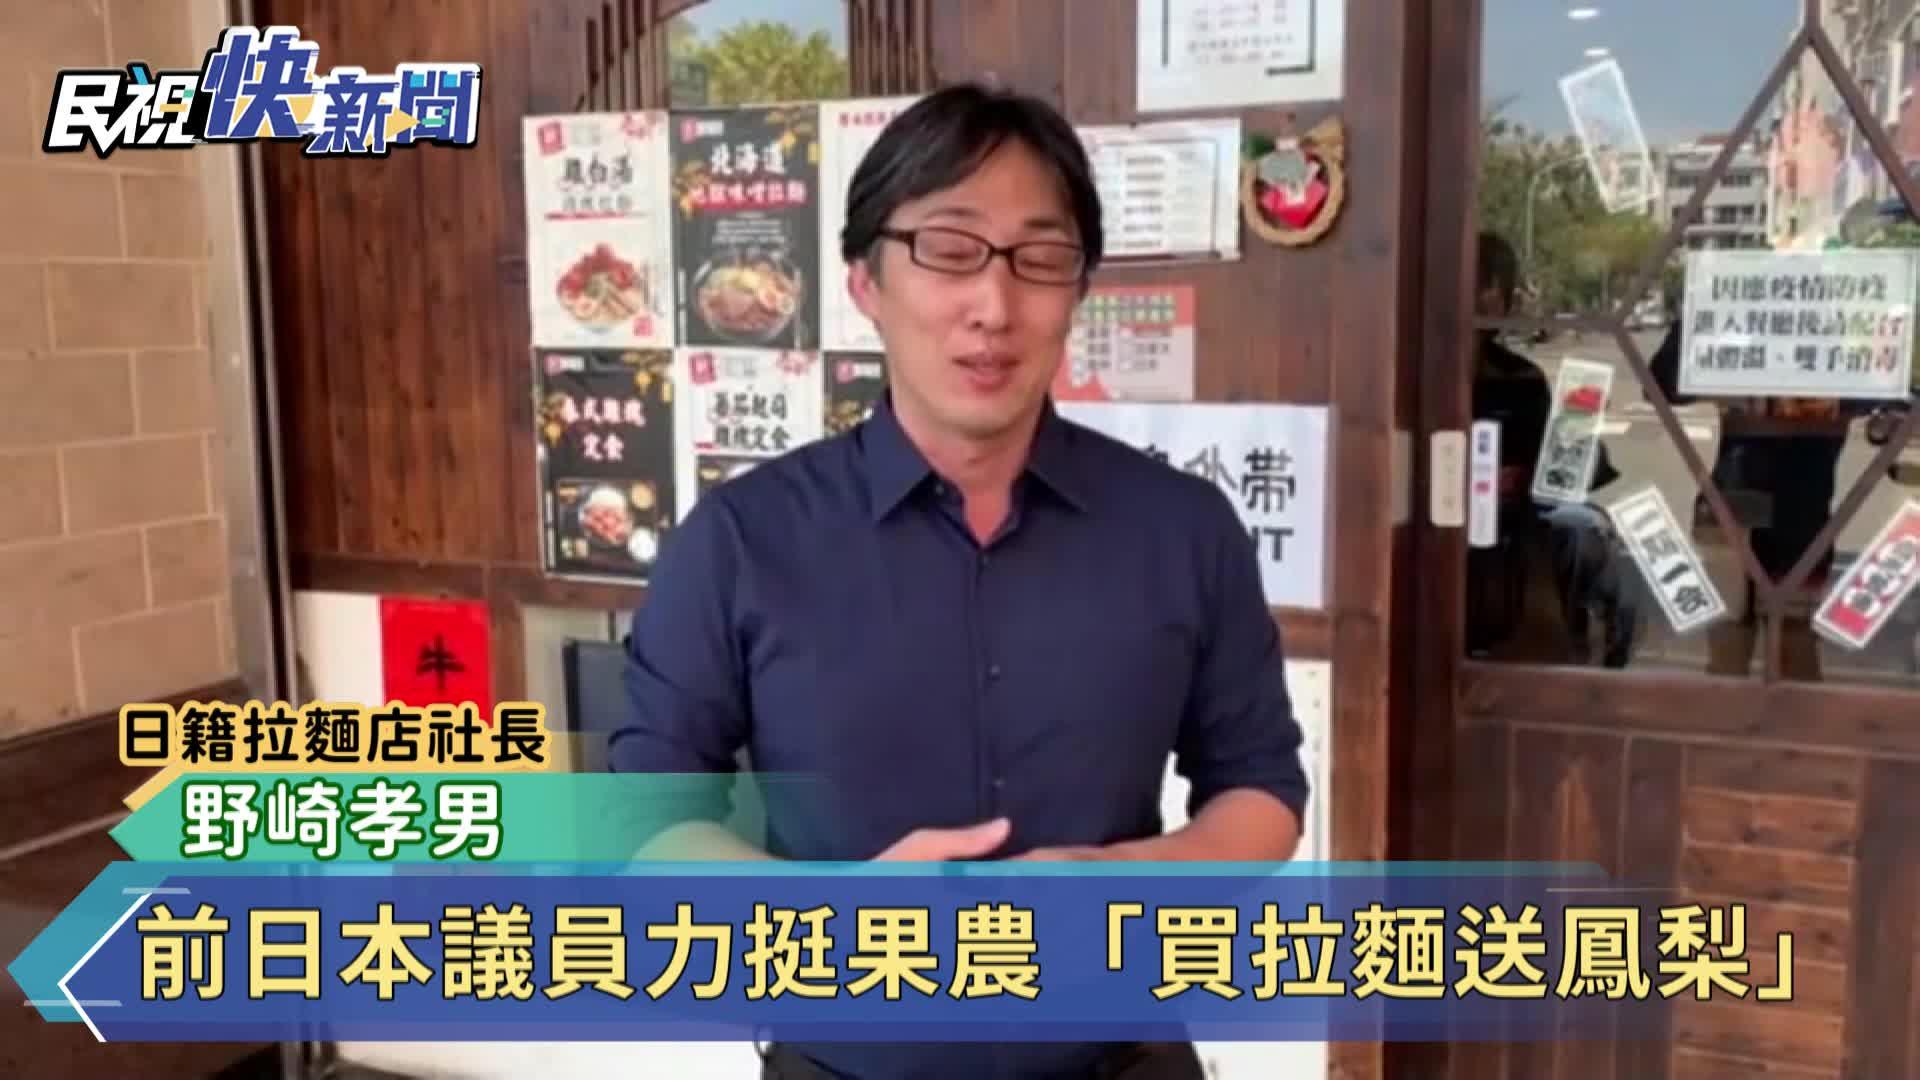 前日本議員力挺果農 「買拉麵送鳳梨」